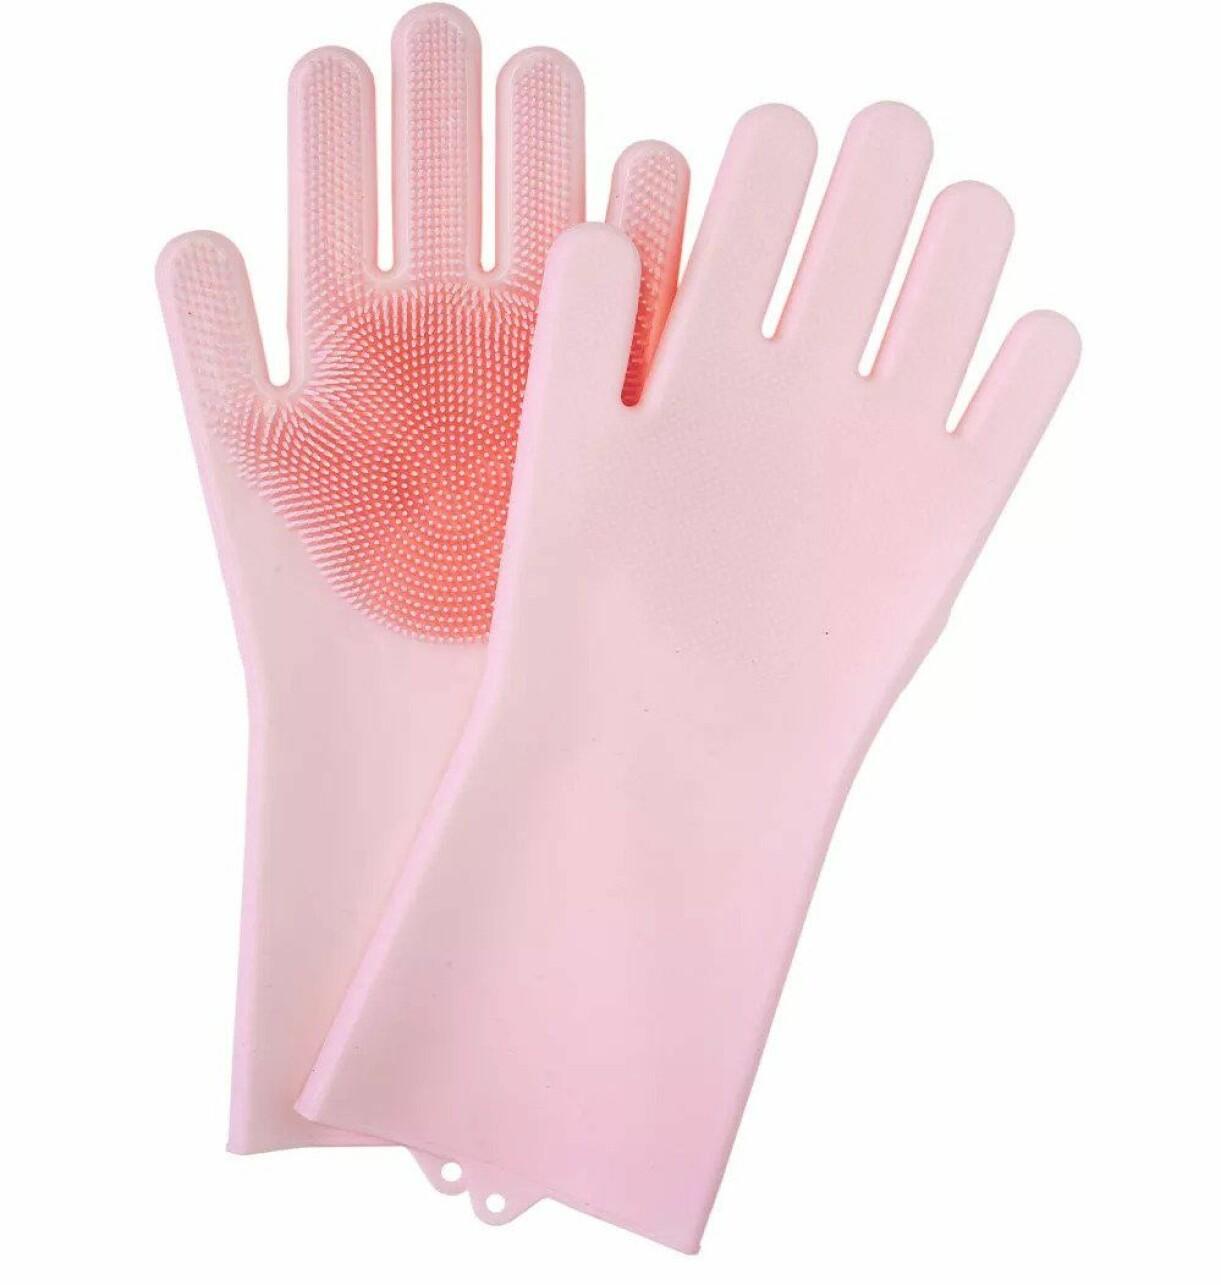 Smarta handskar med piggar.